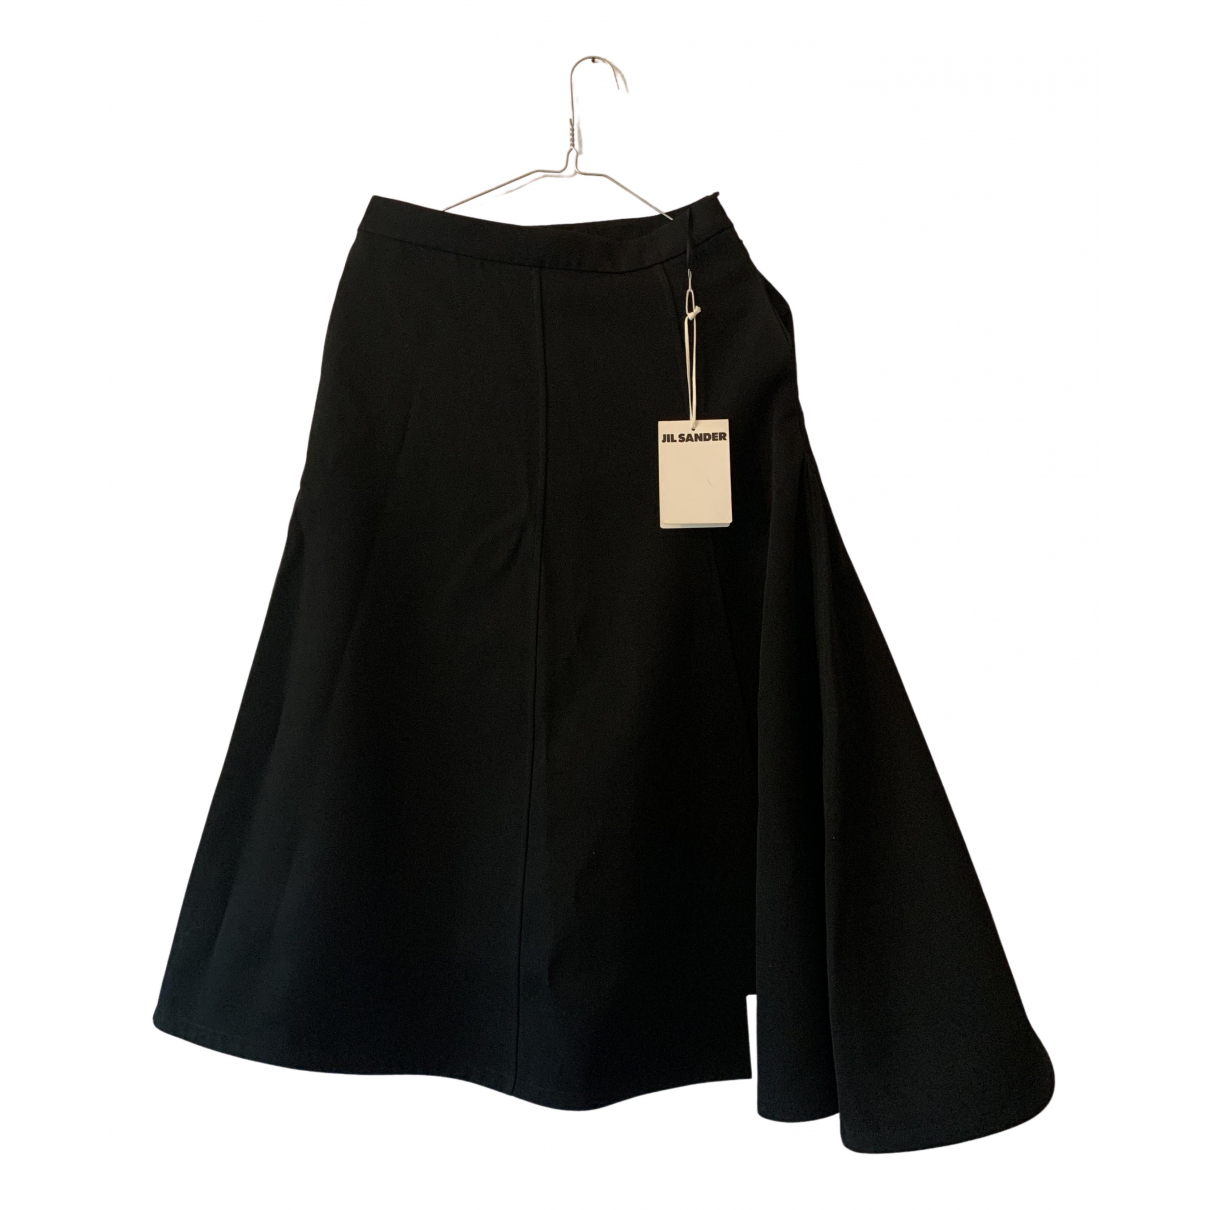 Jil Sander N Black Cotton skirt for Women 34 FR